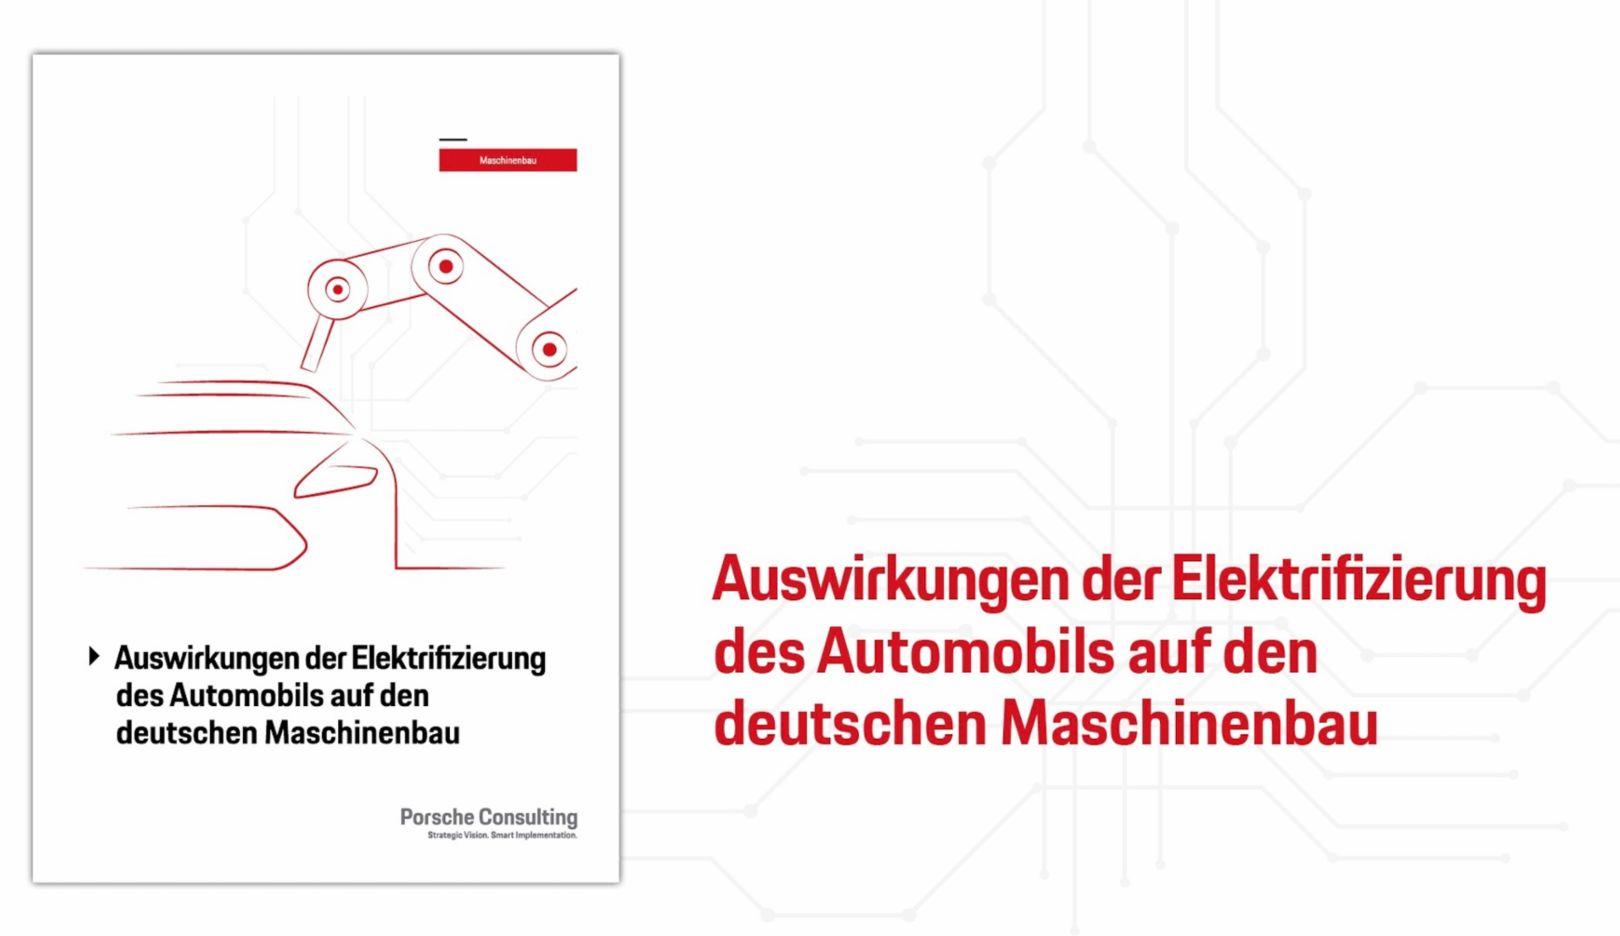 Auswirkungen der Elektrifizierung des Automobils auf den deutschen Maschinenbau, 2018, Porsche AG